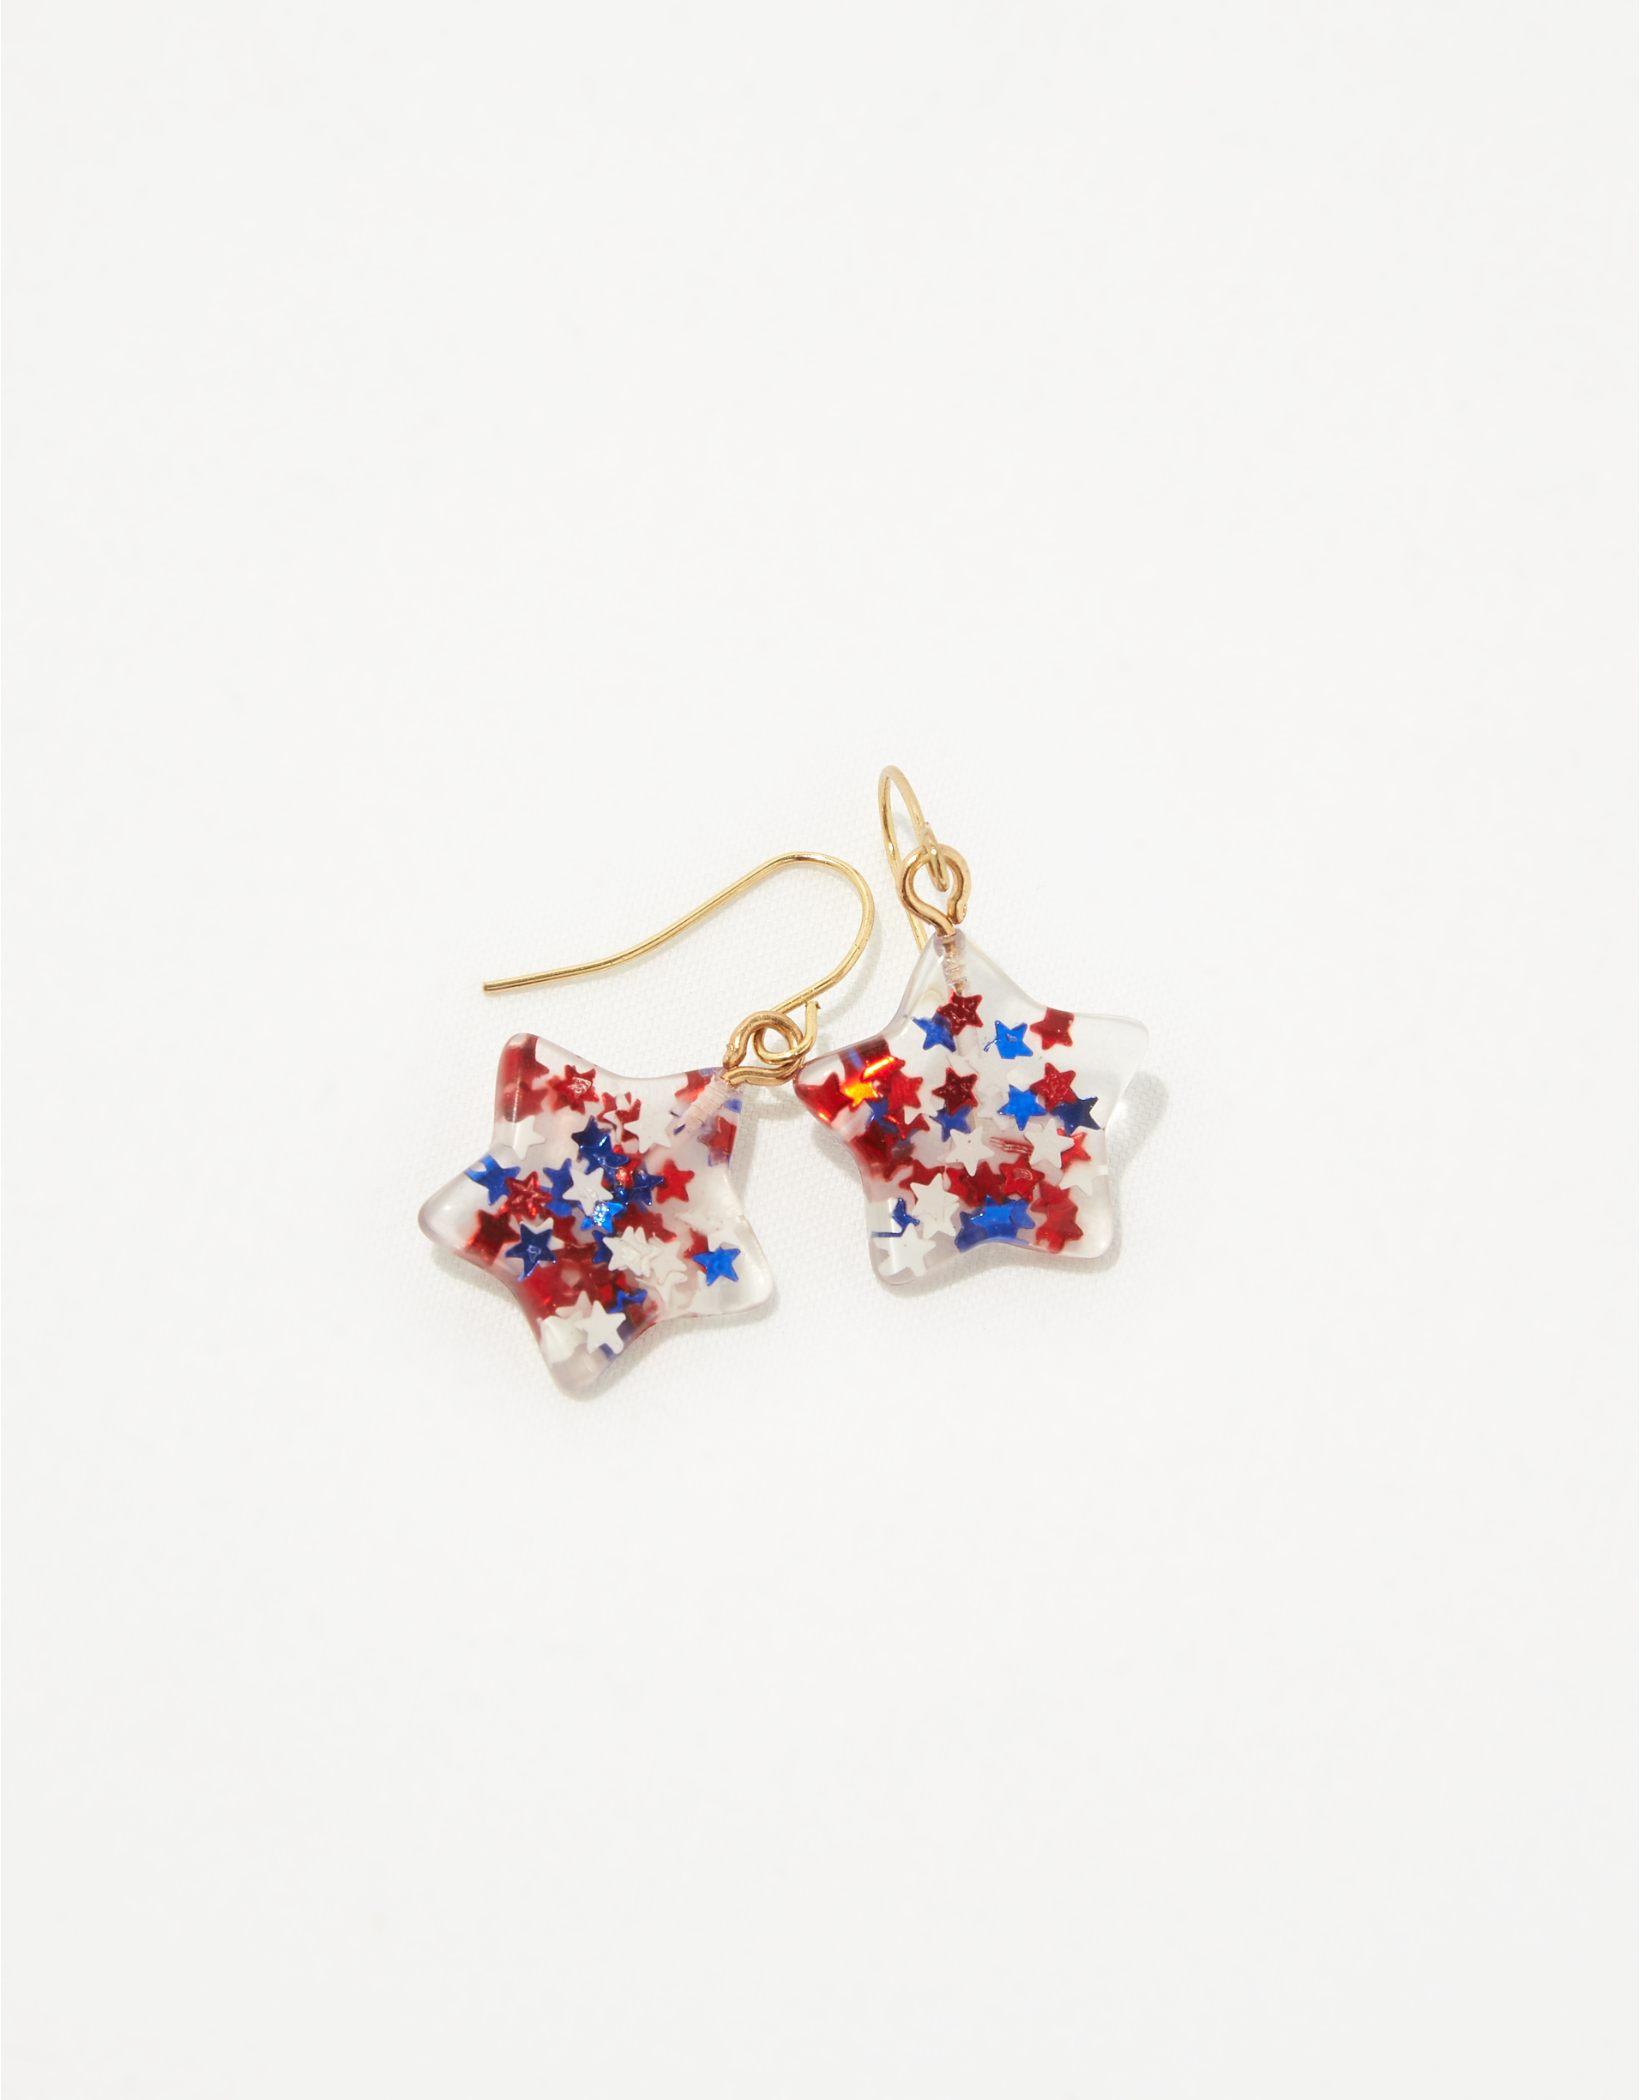 Aerie Star Glitter Earrings